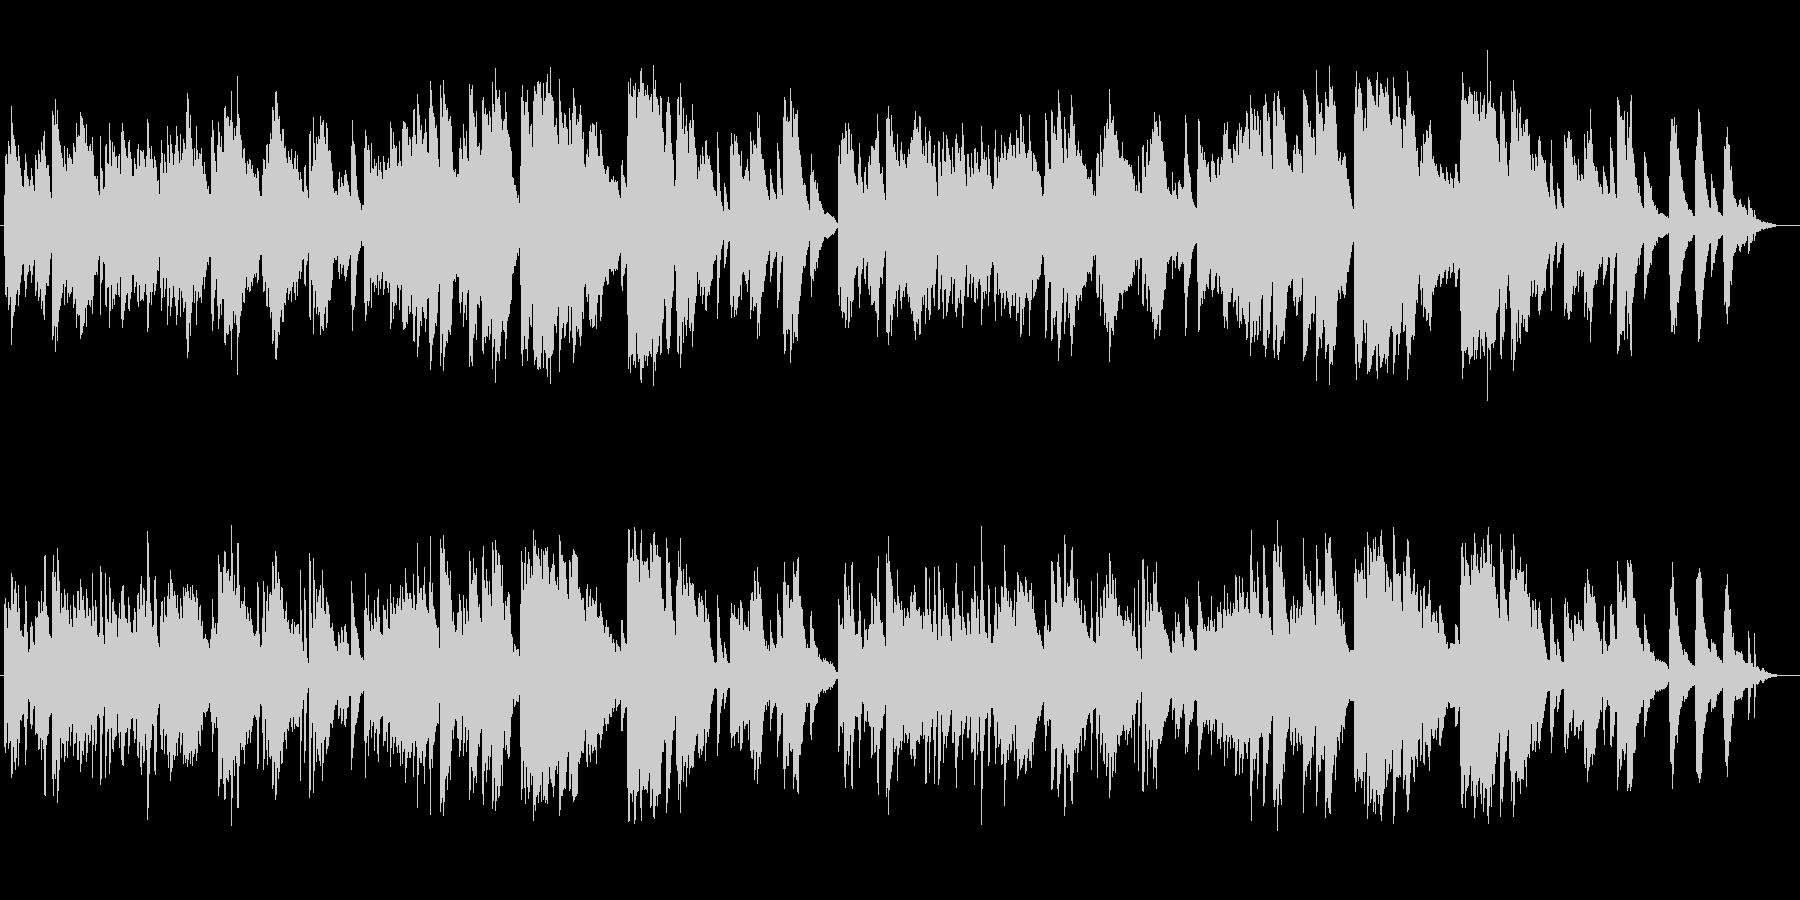 清らかなピアノによるバラードの未再生の波形